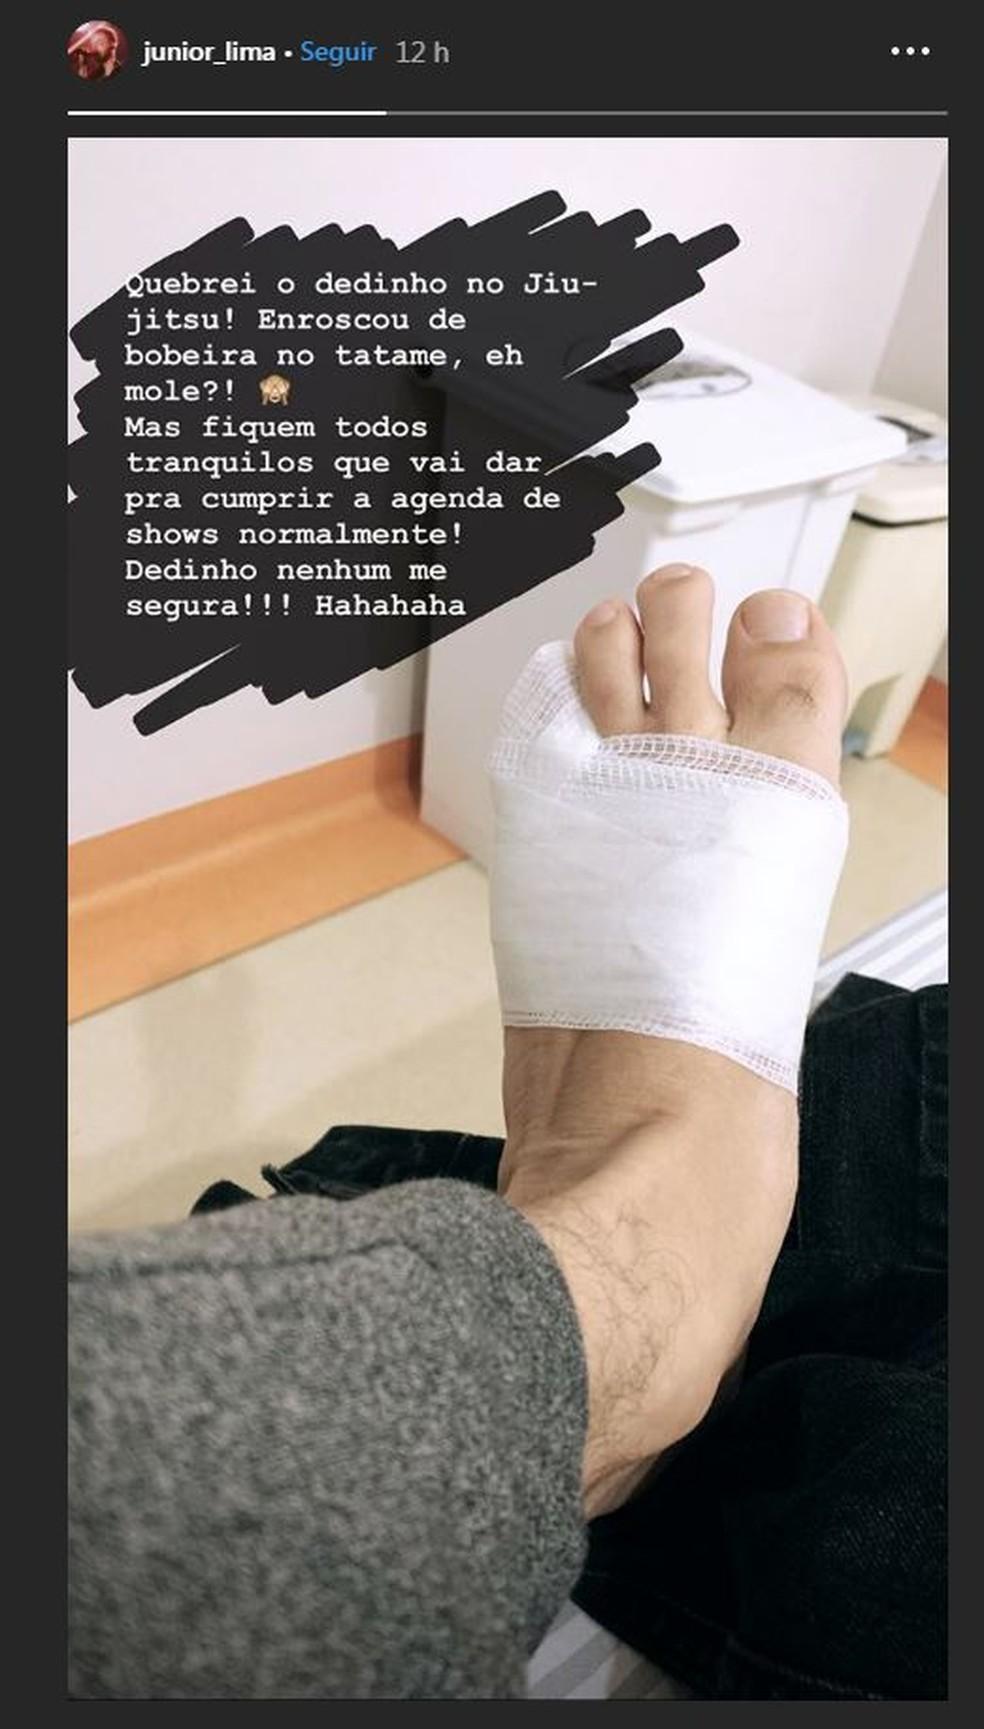 Junior Lima quebra dedo do pé durante prática de jiu-jitsu: 'Enroscou no tatame' — Foto: Reprodução/Instagram